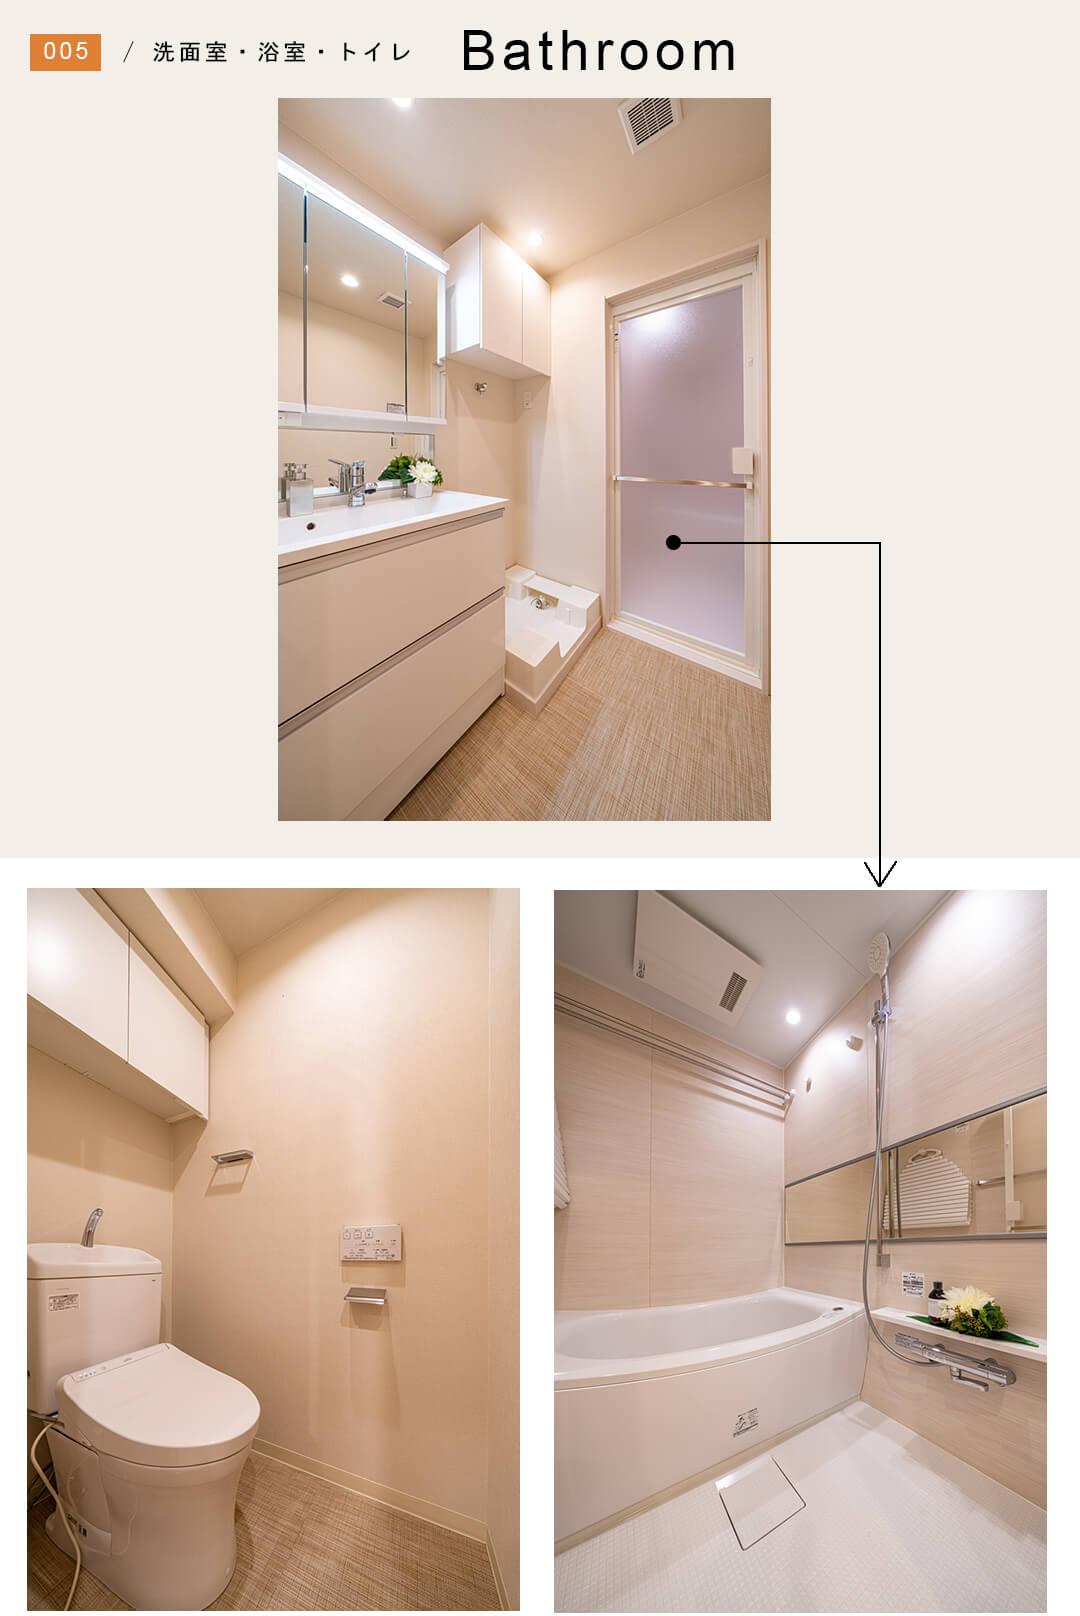 藤和シティホームズ蔵前駅前の洗面室と浴室とトイレ